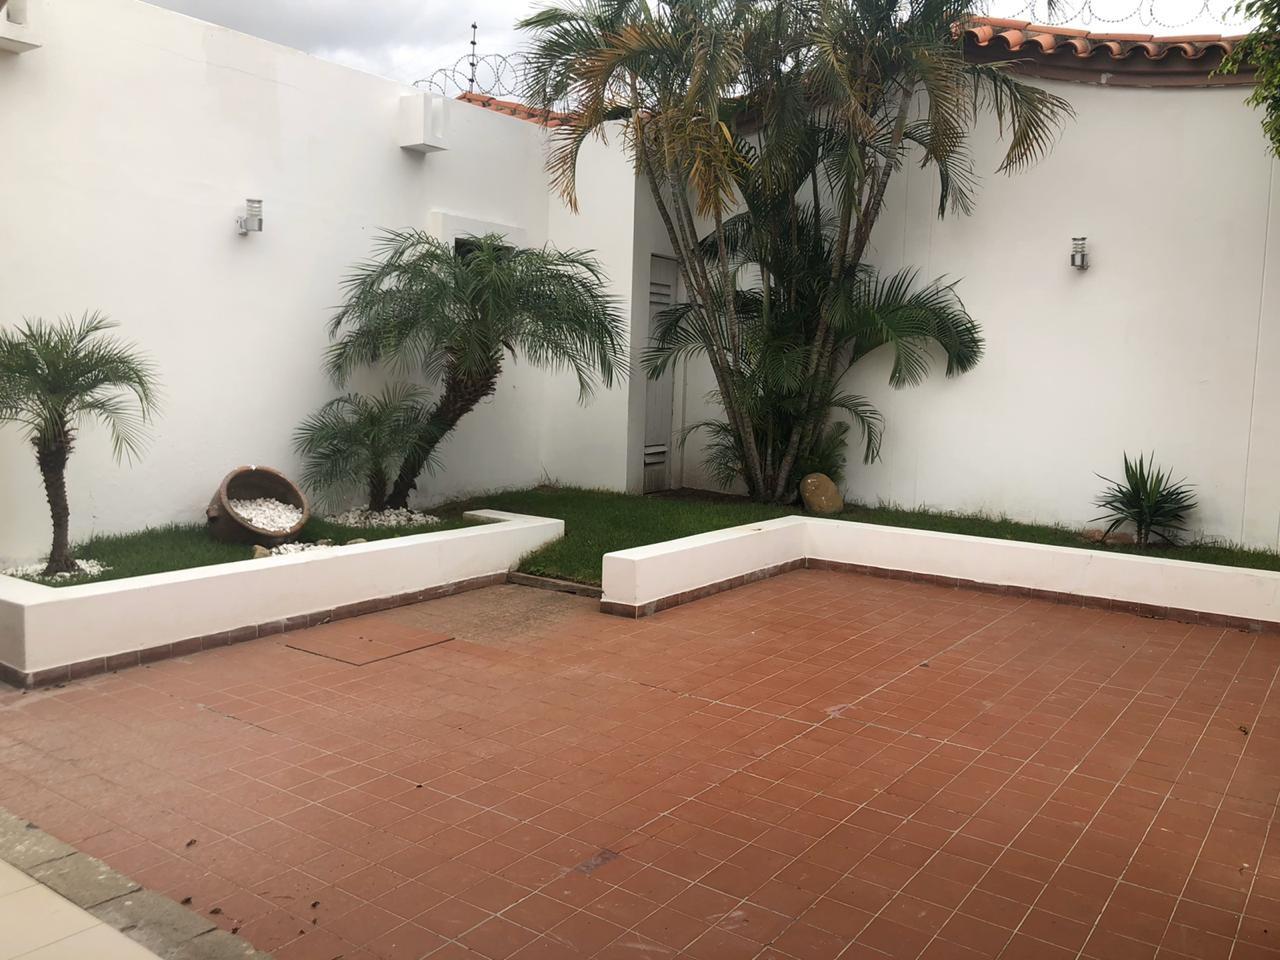 Casa en Alquiler 5 to Anillo entre Av Beni y Av. Cristo Redentor, cond. La Hacienda Foto 3